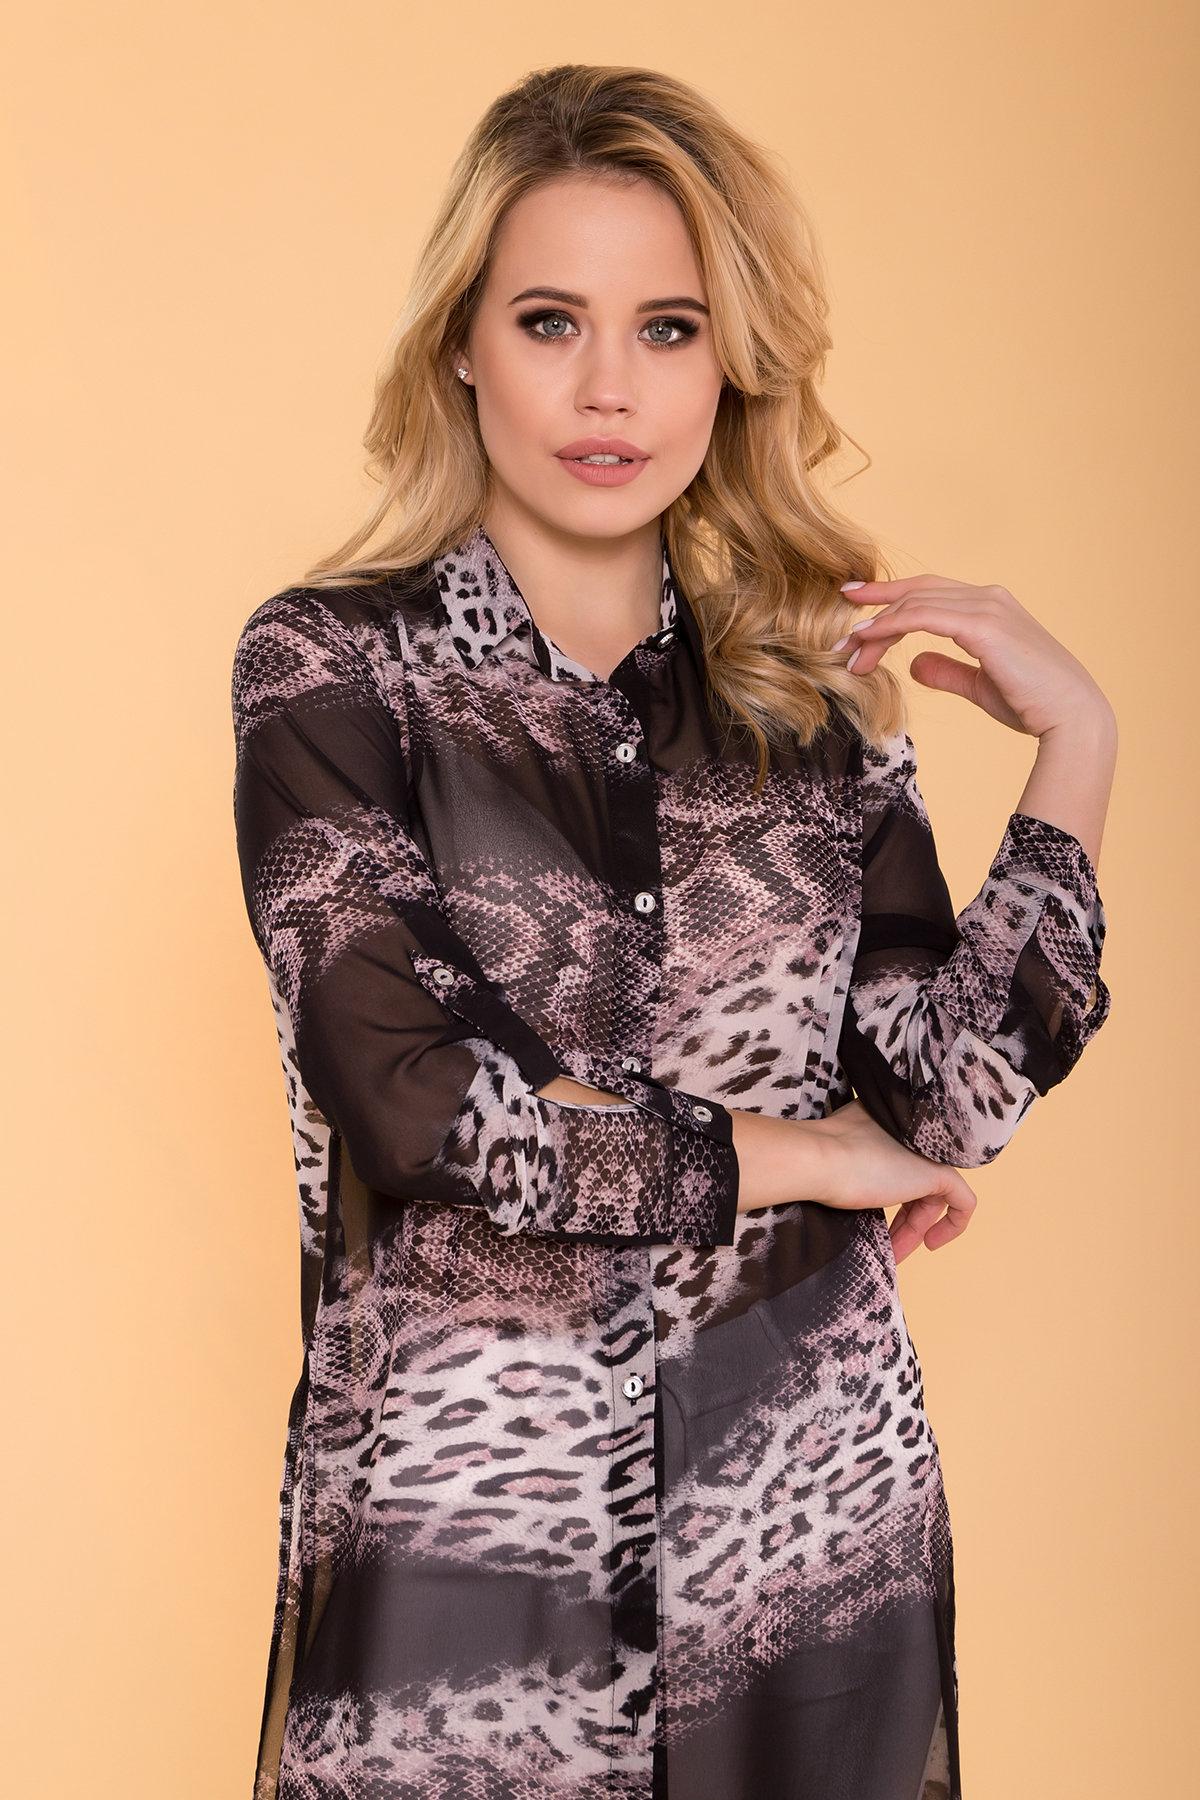 Рубашка с цветочным принтом Лайк 6892 АРТ. 41996 Цвет: Леоп абстр мол/чер - фото 4, интернет магазин tm-modus.ru